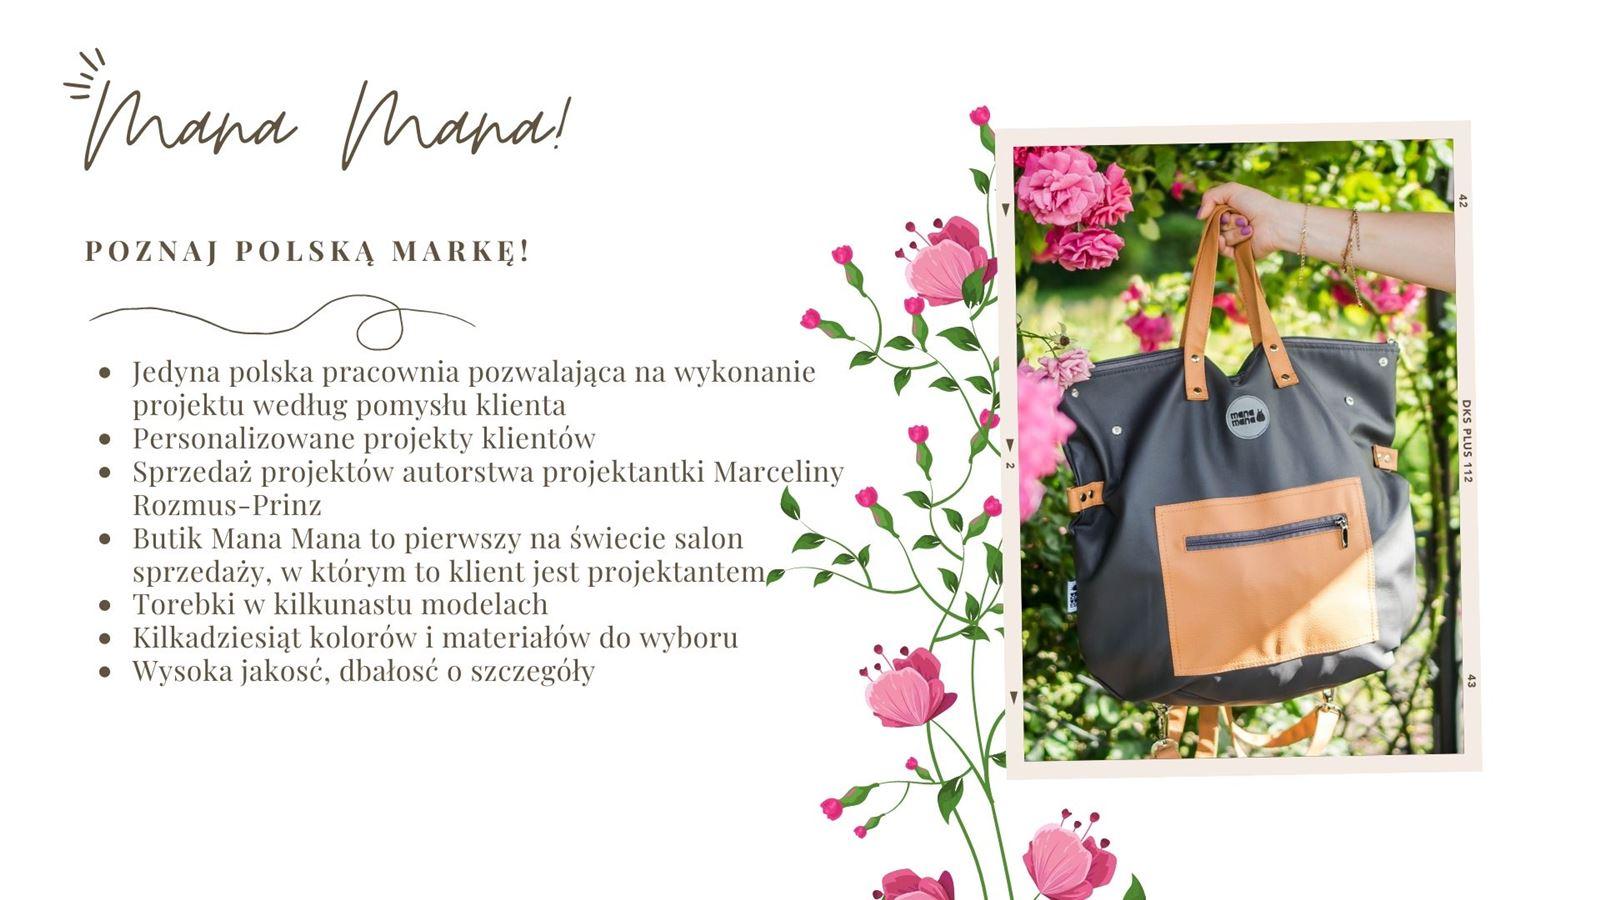 3 Jak zaprojektować własną torebkę. Szycie torebek według swojego projektu. Prezent marzeń - pomysł na niebanalny prezent dla blogerki, dziewczyny, mamy, siostry, koleżanki, przyjaciółki. Torebki polska marka MANA MANA jakośc opinie, gdzie kupić, ile kosztuje